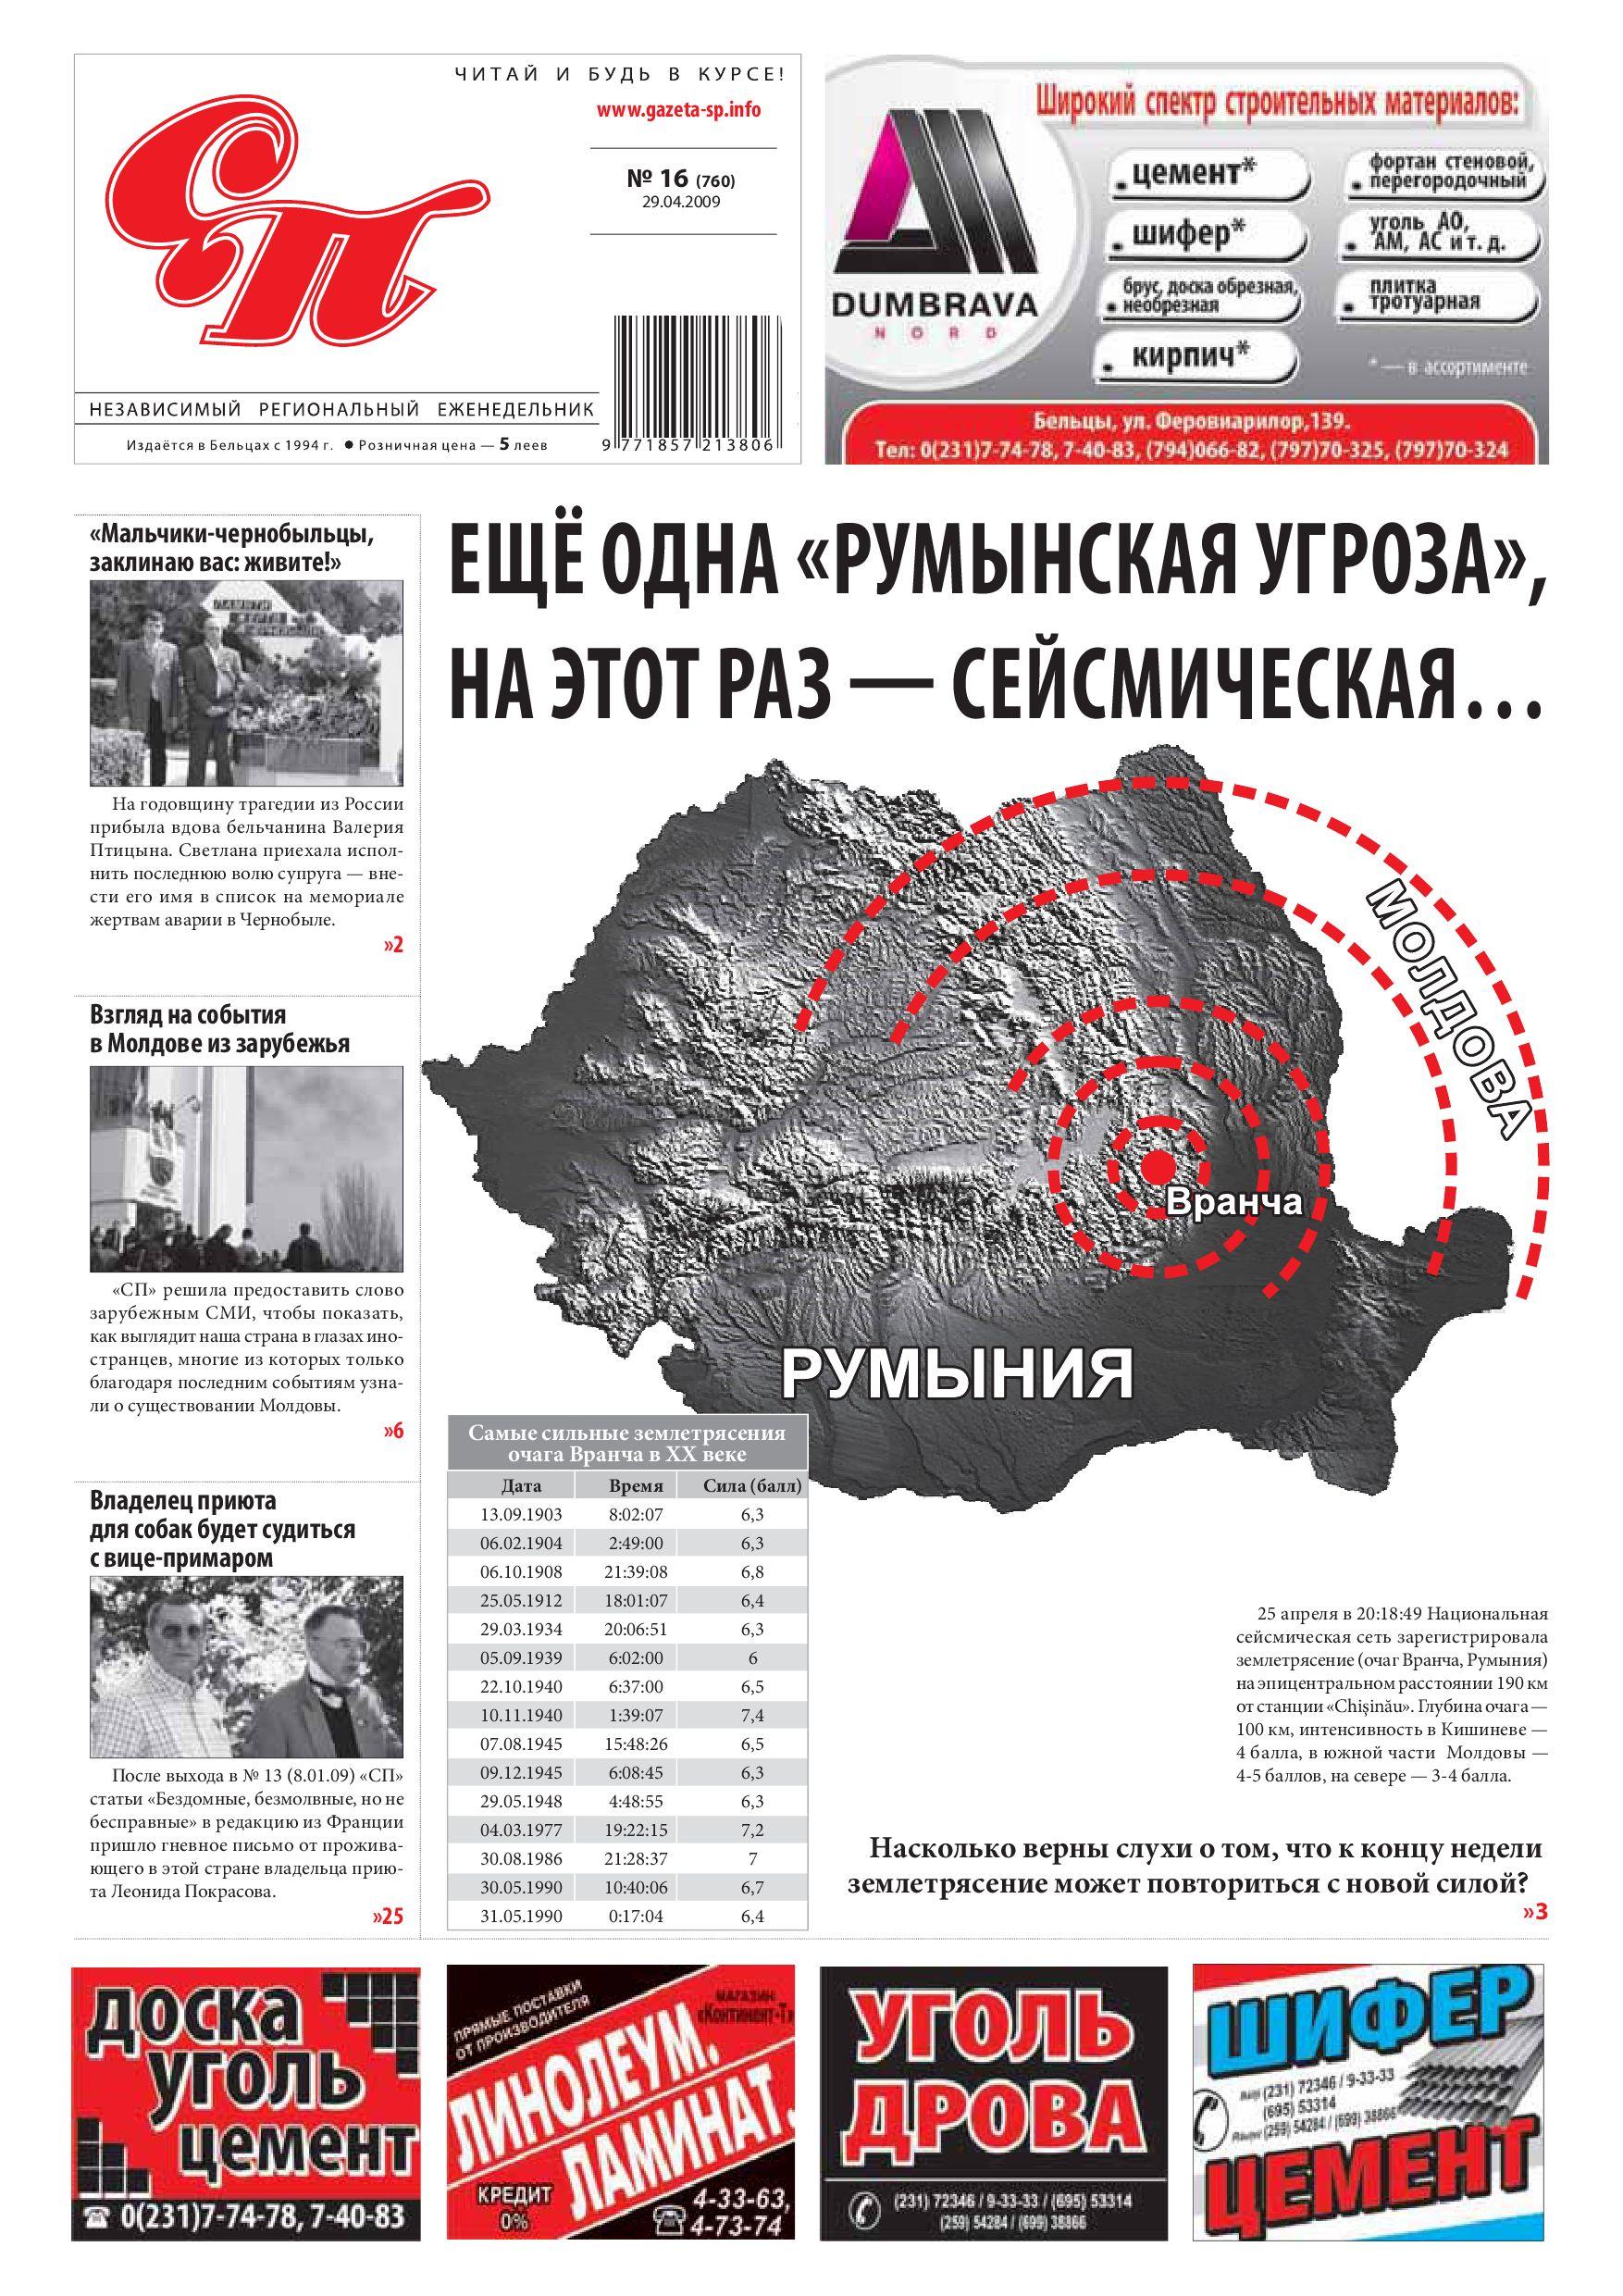 Снимайте тапочки, берегите Кремль Календарь. От пятницы до пятницы